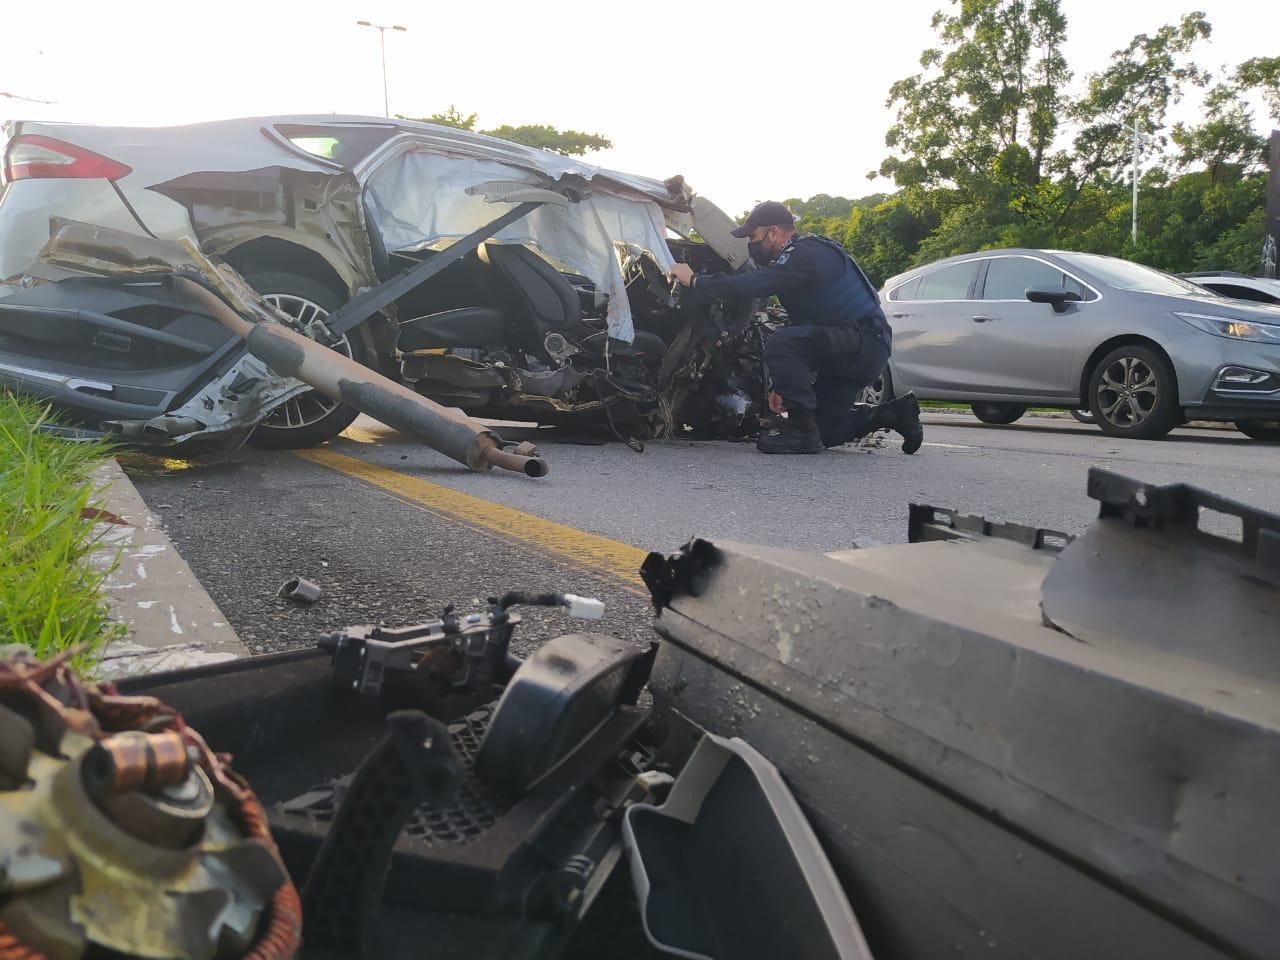 Carro fica destruído após colisão contra árvore na Avenida Beira-Mar, em Florianópolis; FOTOS